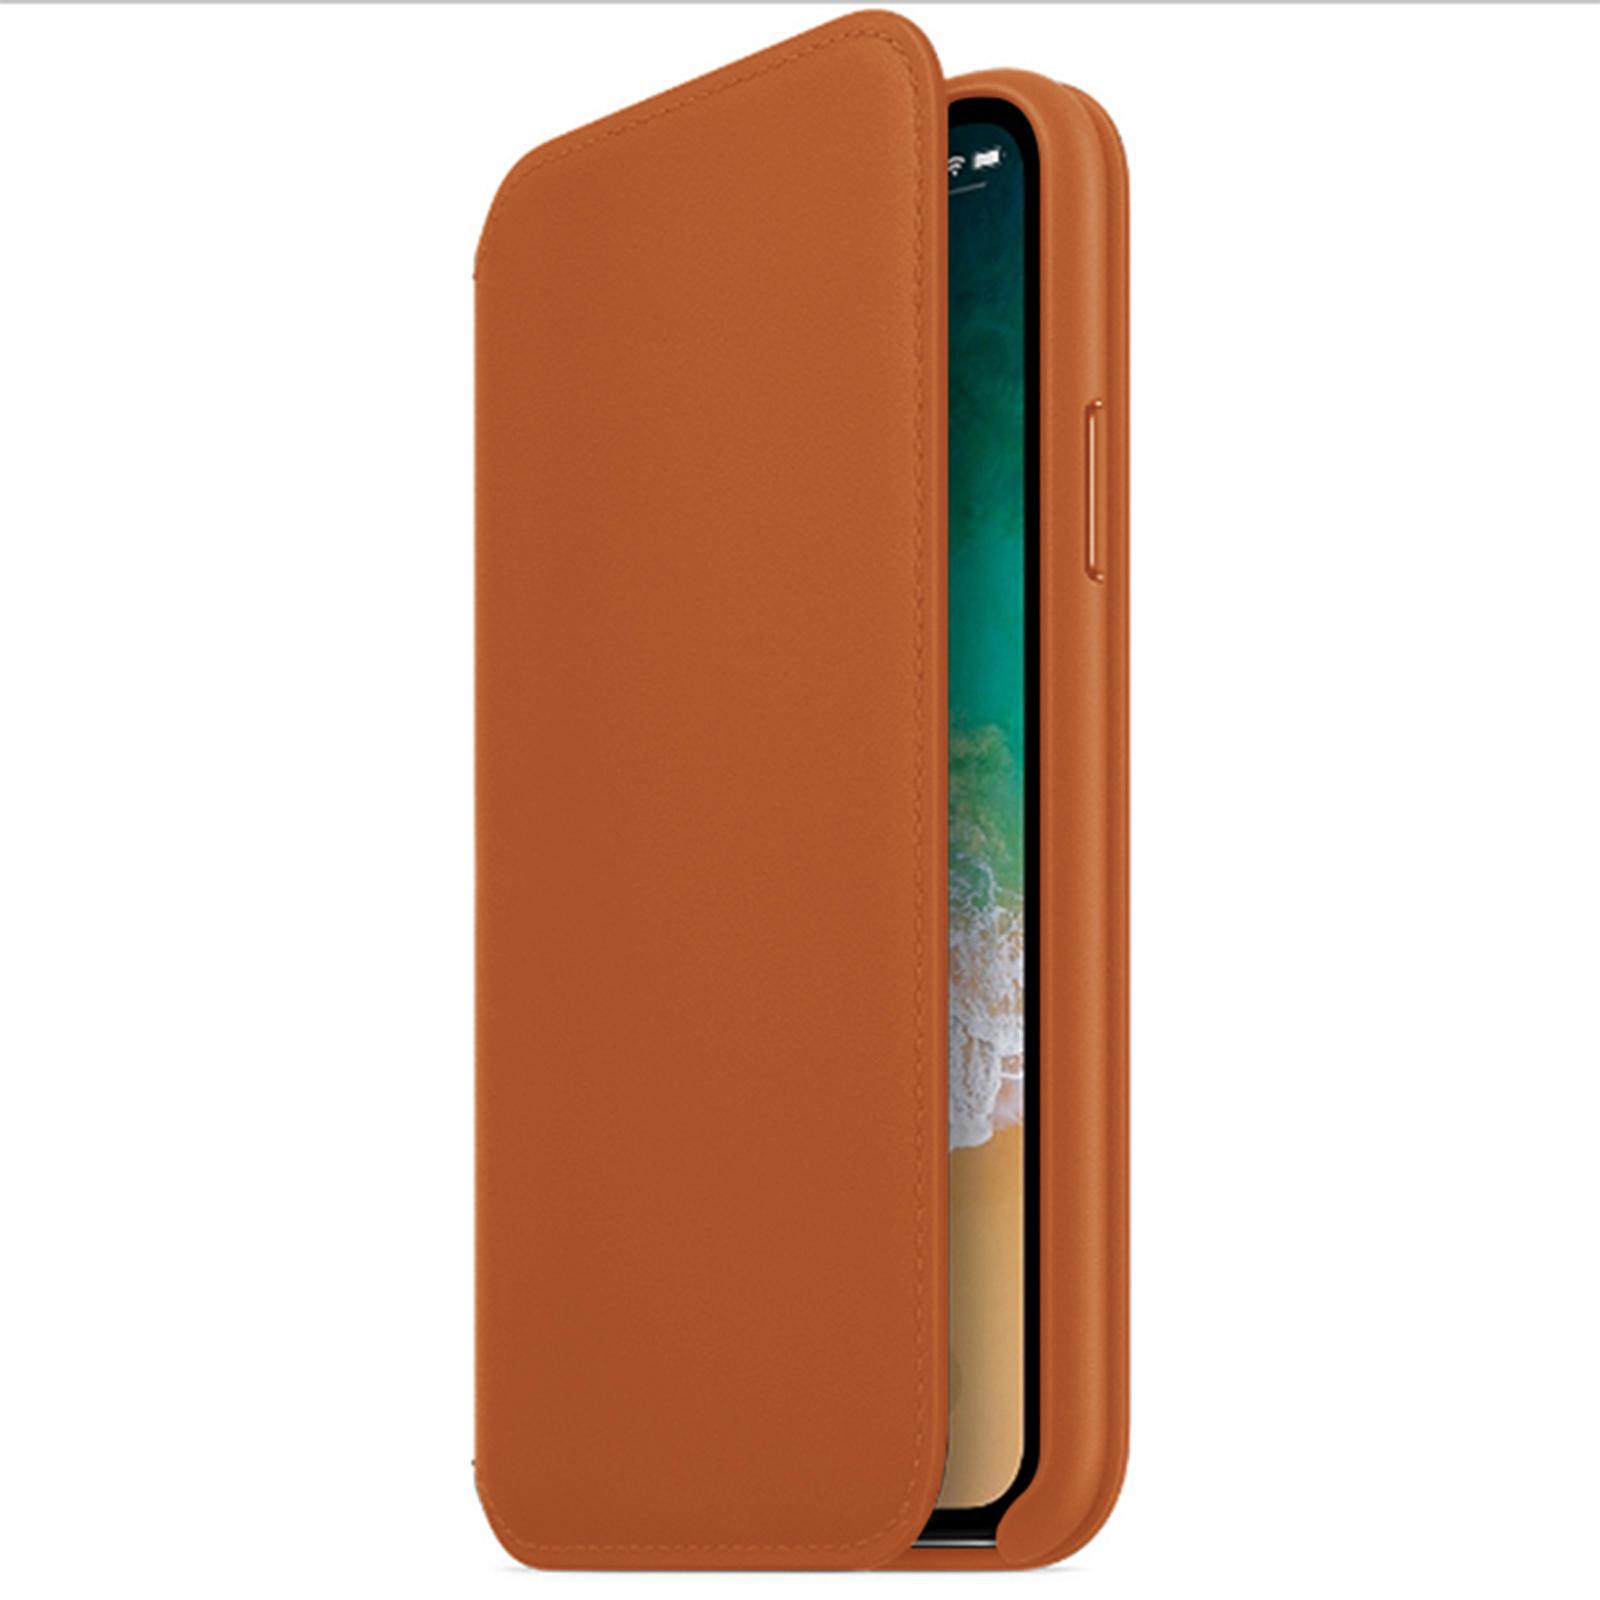 Nouveau-cuir-flip-portefeuille-Folio-Telephone-Etui-Housse-Pour-Apple-iPhone-11-Pro-Max-Xs-XR miniature 30